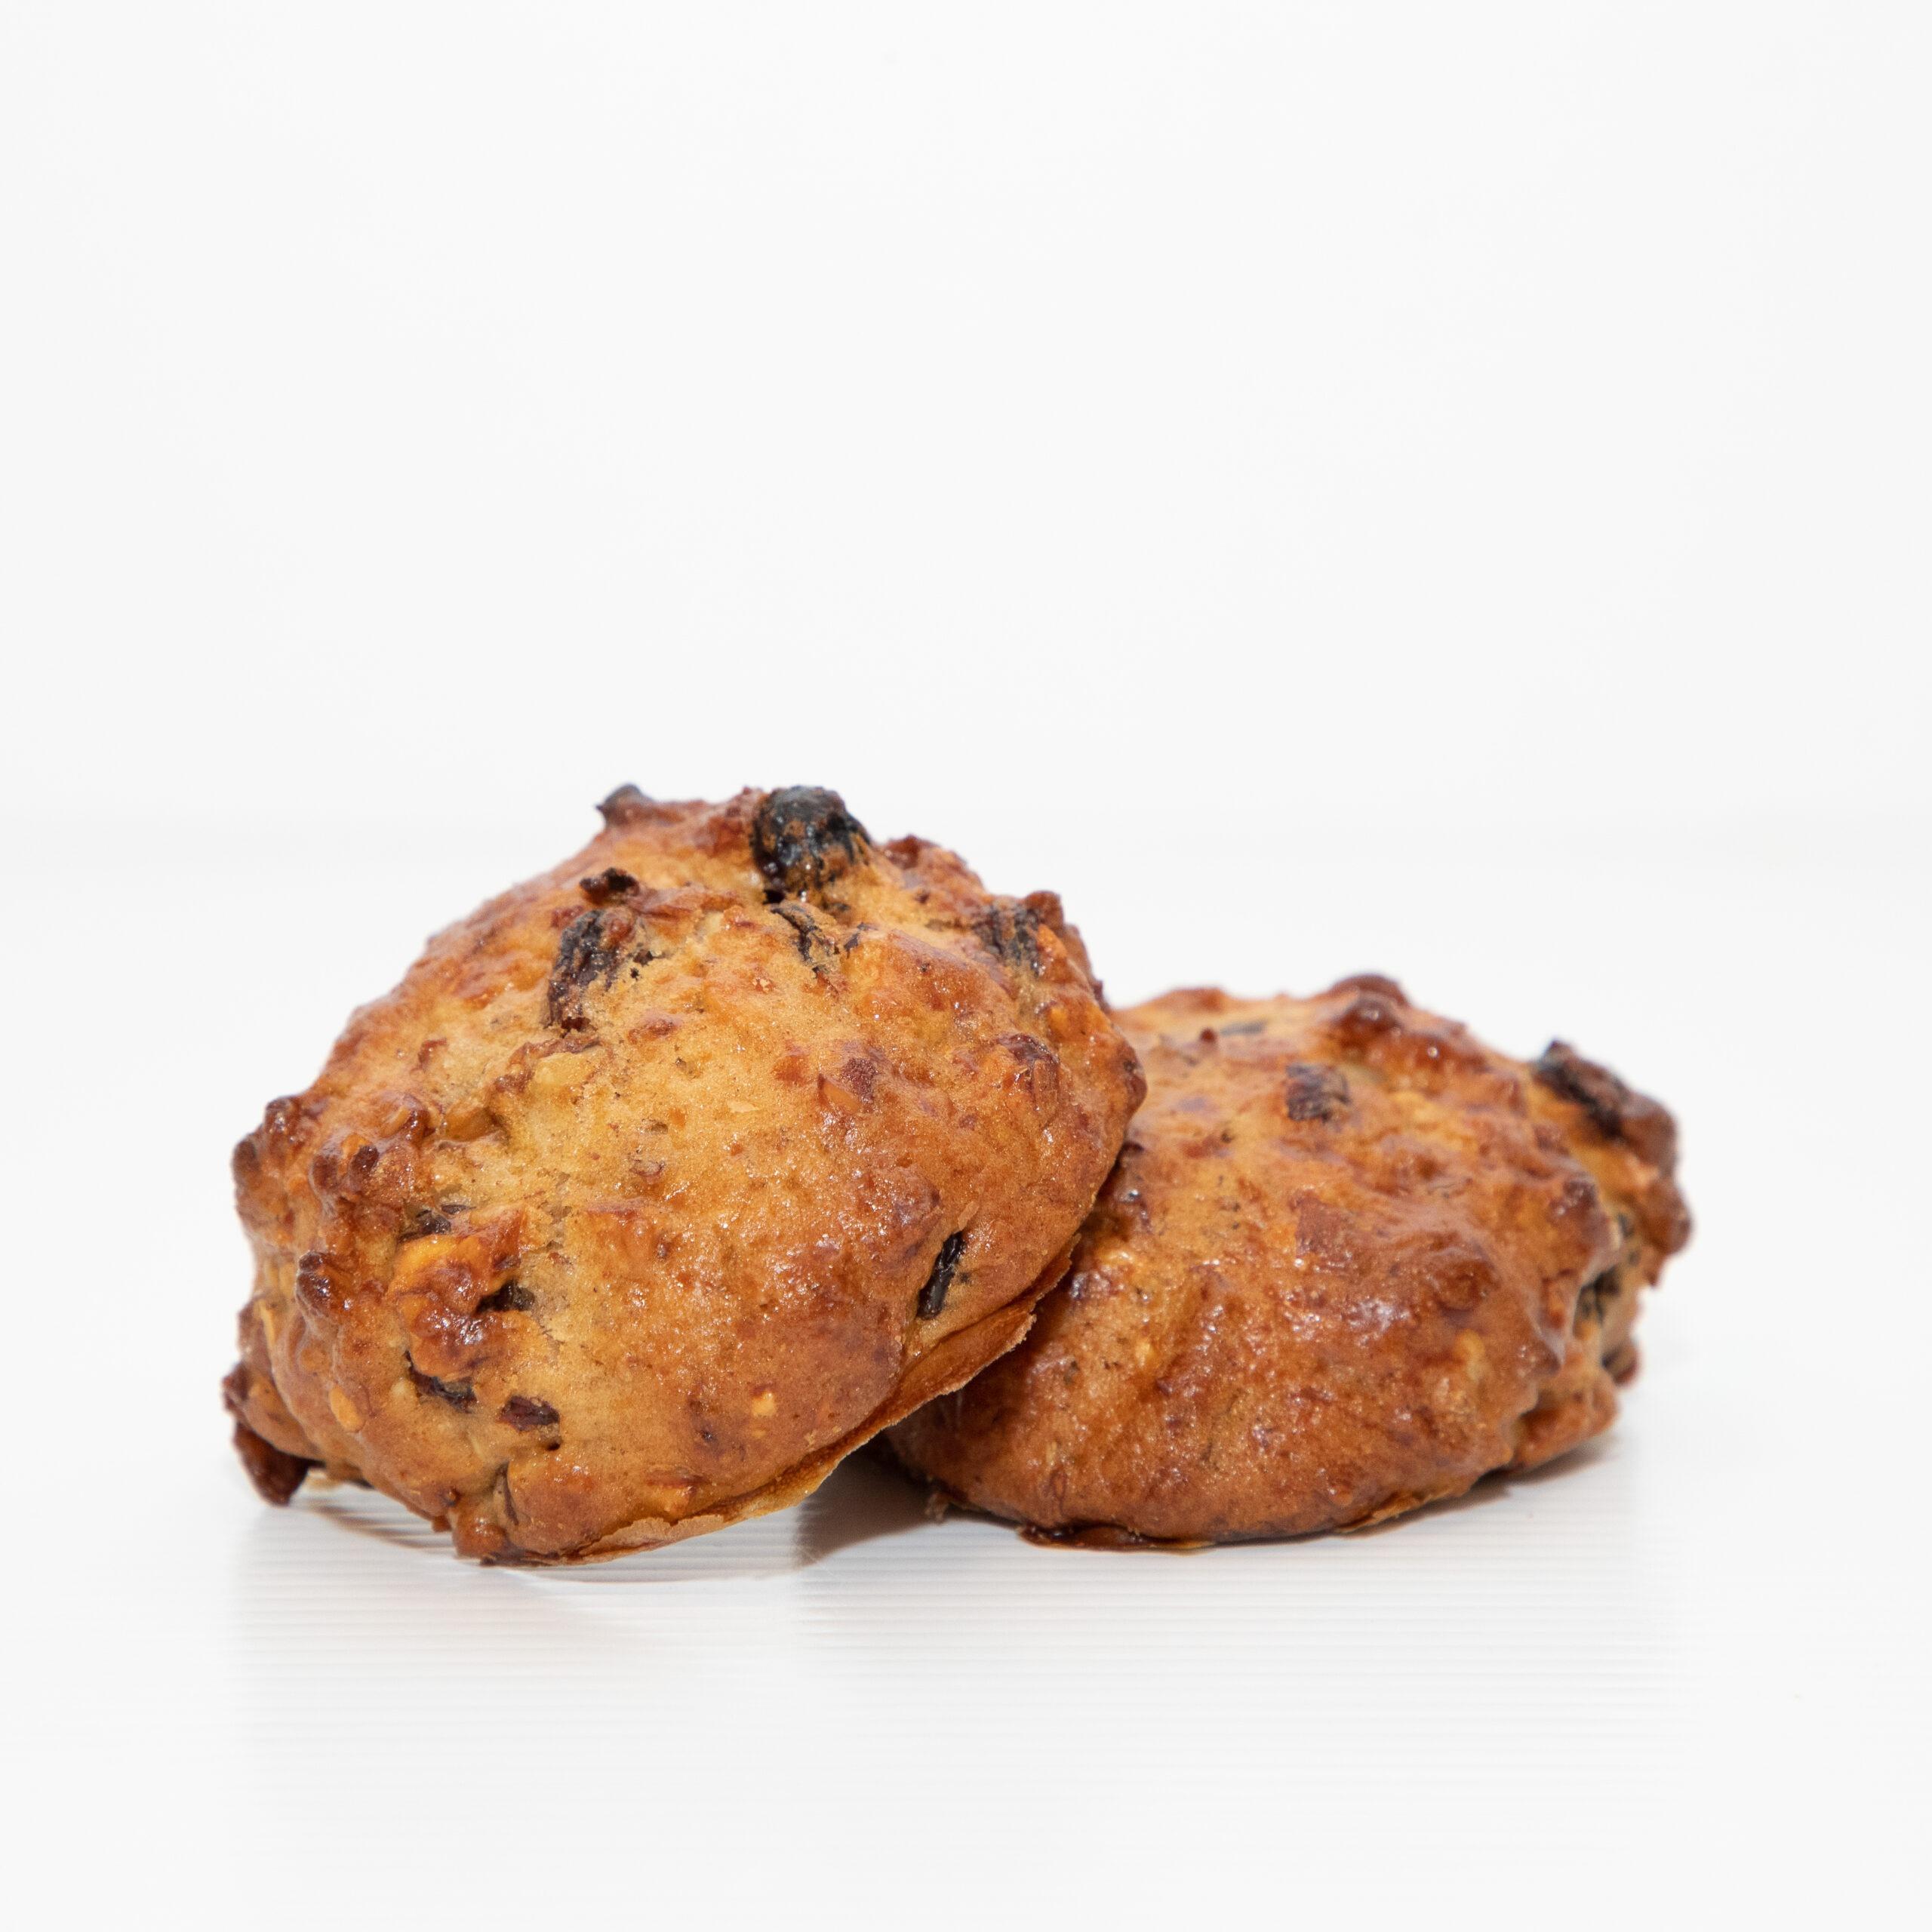 broas-frutos-secos-2-atelier-doce-alfeizerao-doces-conventuais